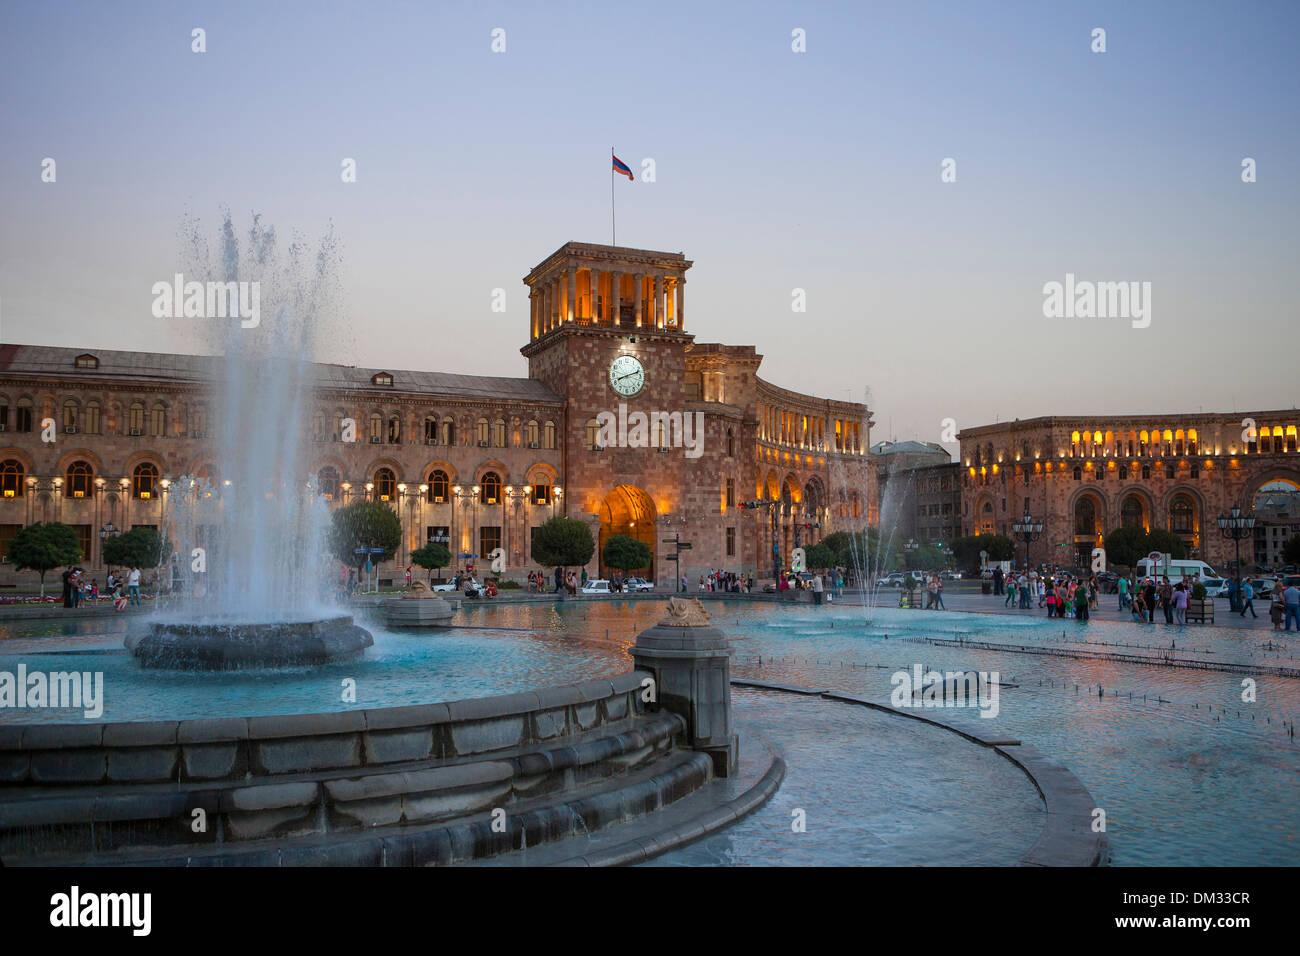 armenien süden kaukasus kaukasus eurasia geschichte uhr republik